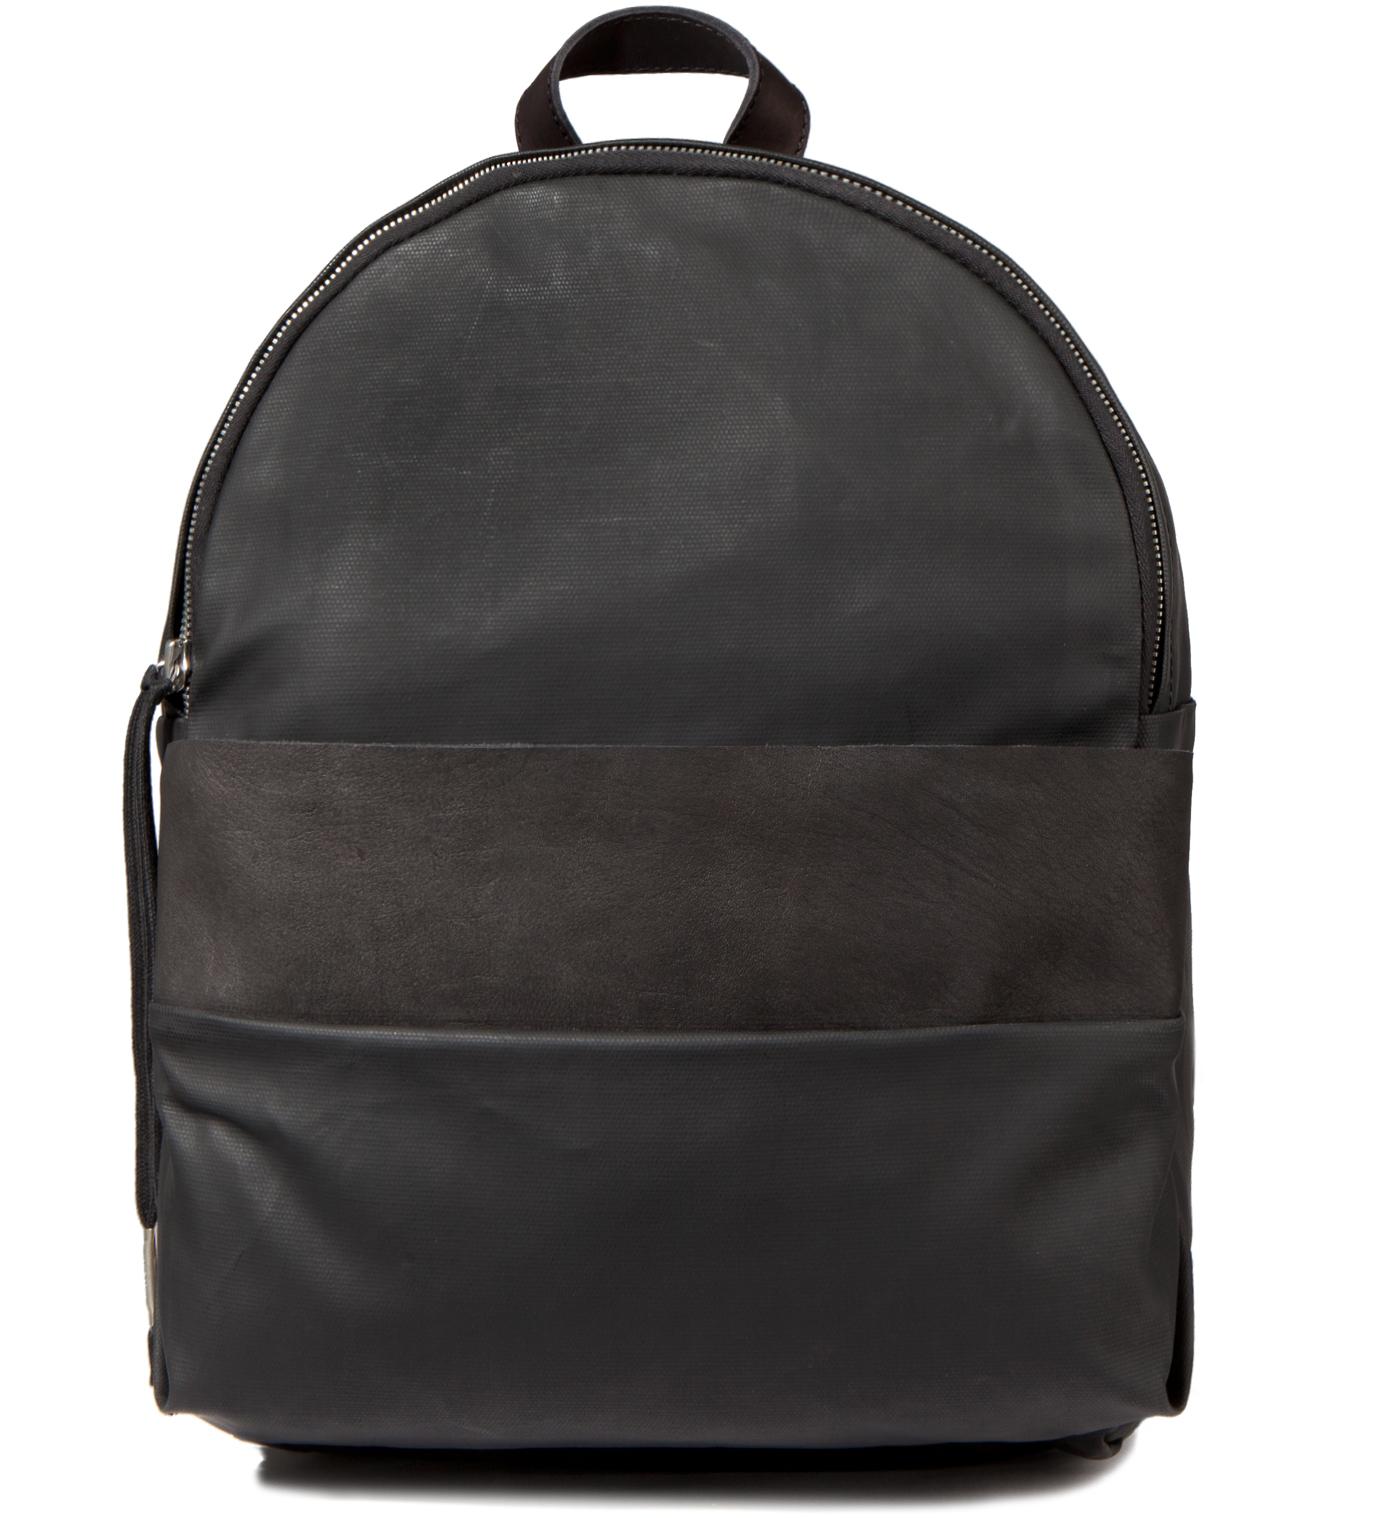 SILENT DAMIR DOMA Black Bango Backpack